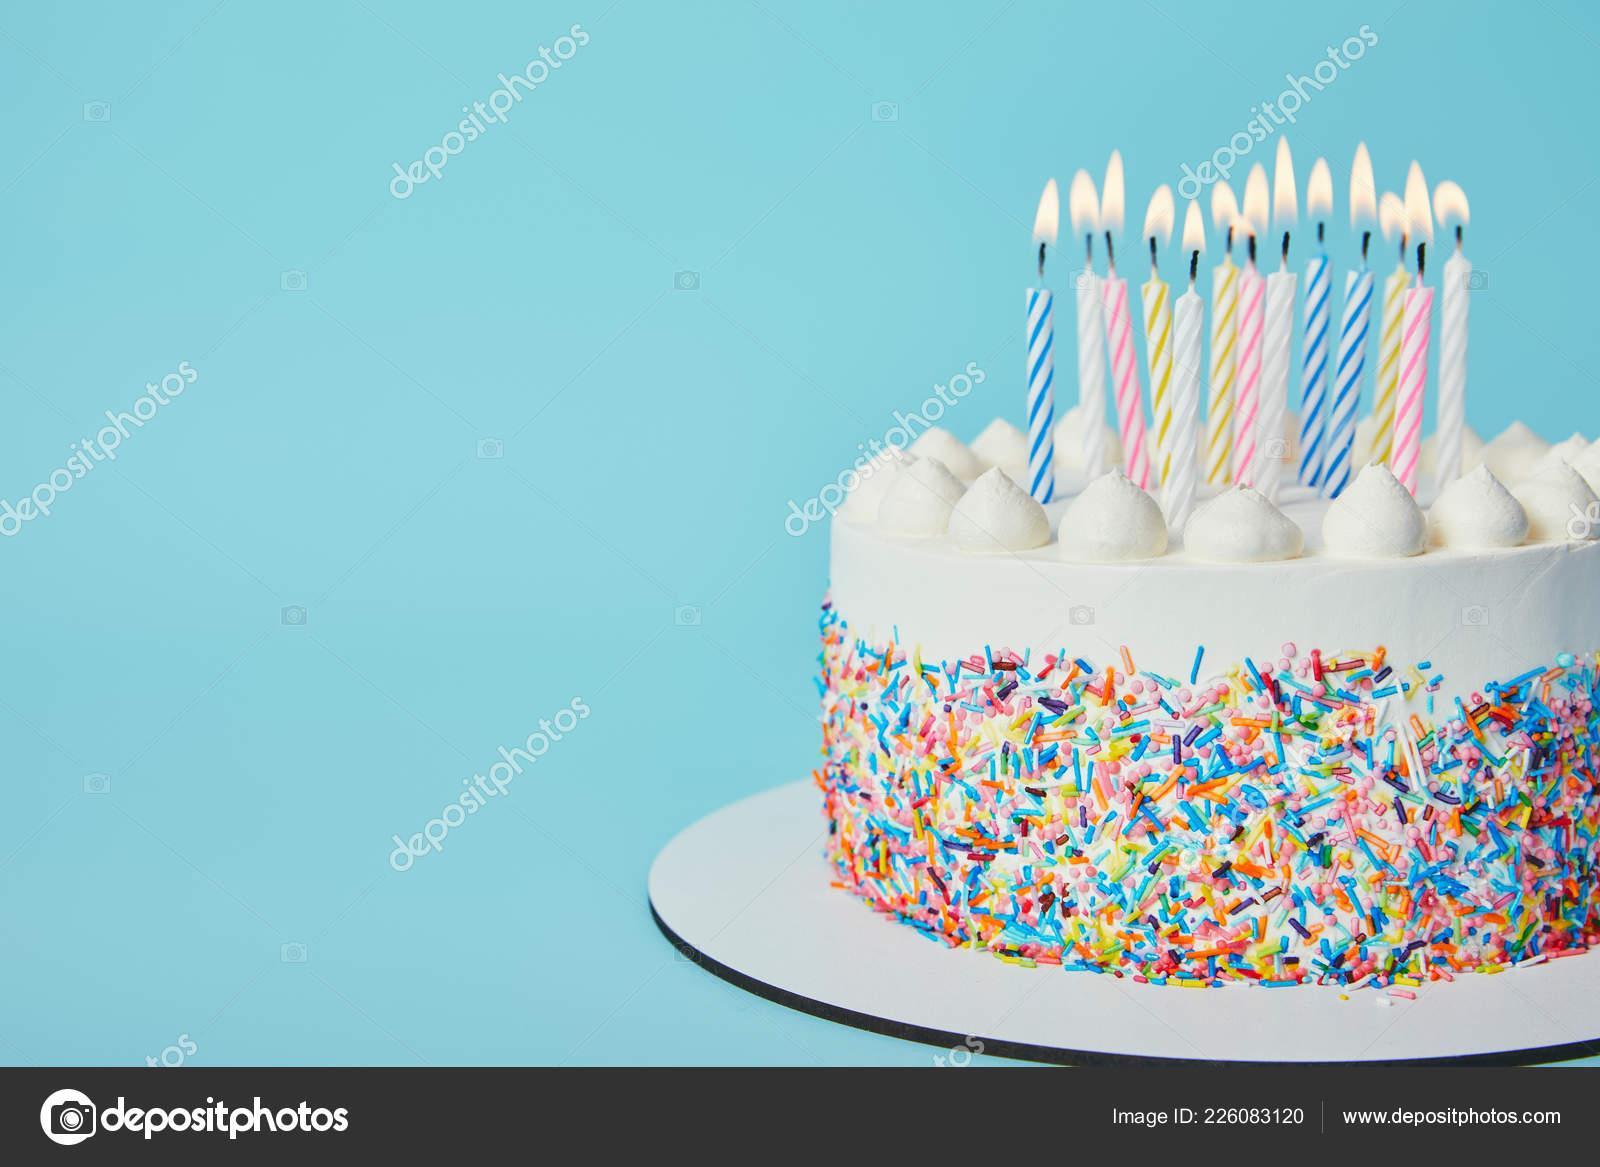 Leckeren Geburtstagskuchen Mit Anzunden Von Kerzen Auf Blauem Hintergrund Stockfoto